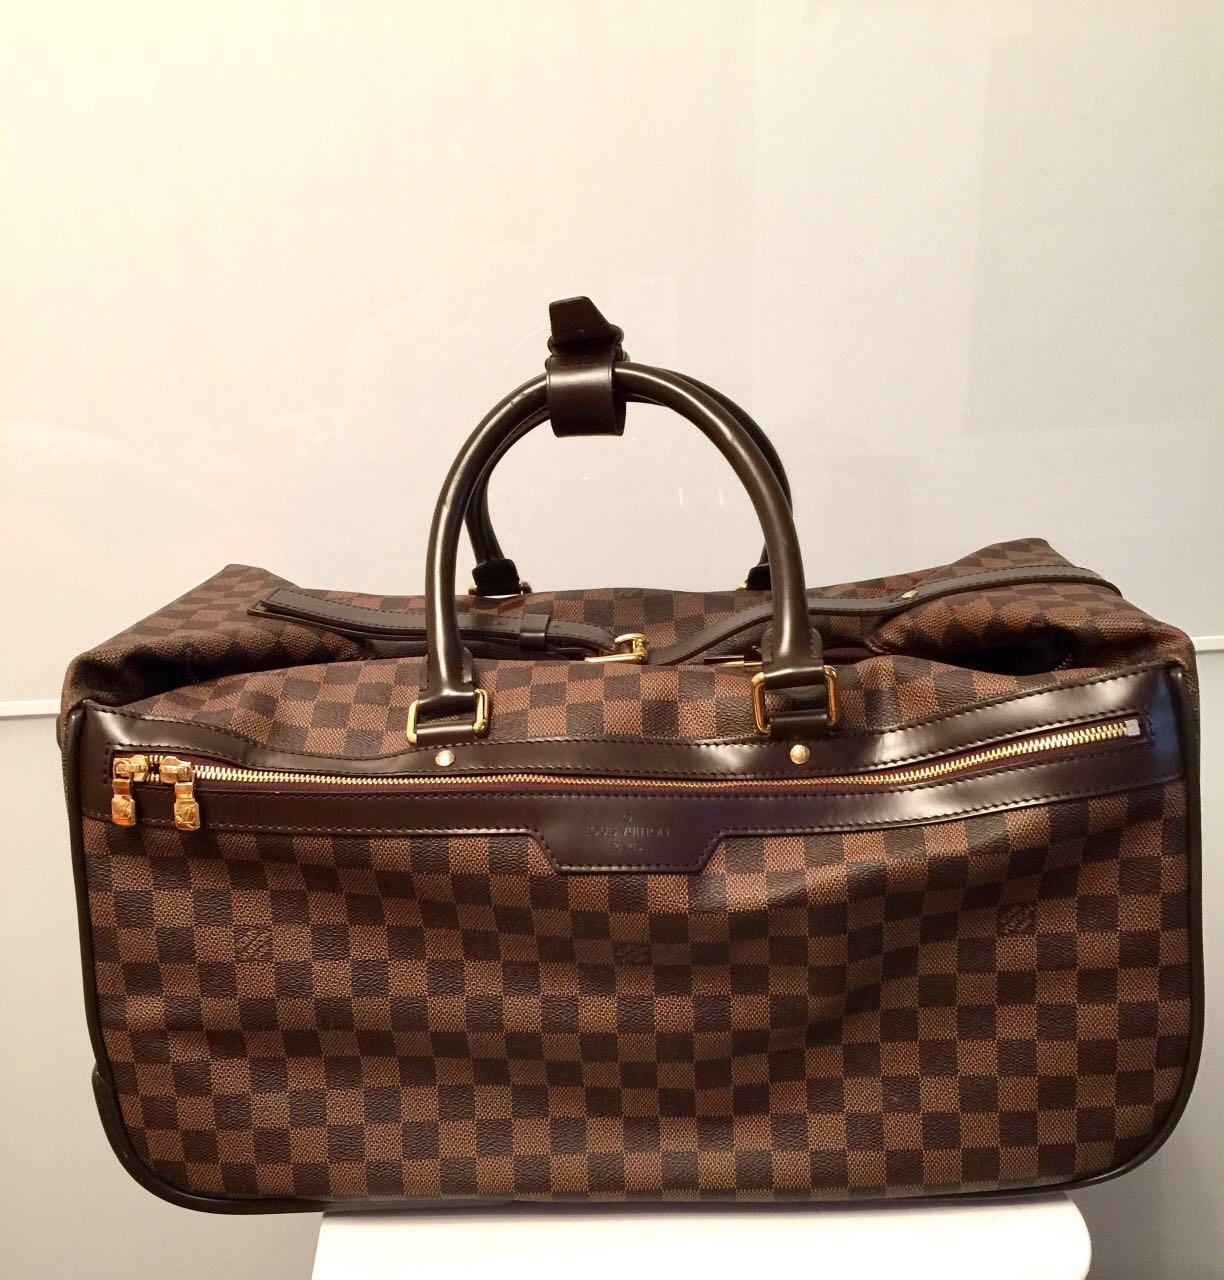 a2062ec074cc Купить дорожную сумку Louis Vuitton за 61500 руб. в интернет ...